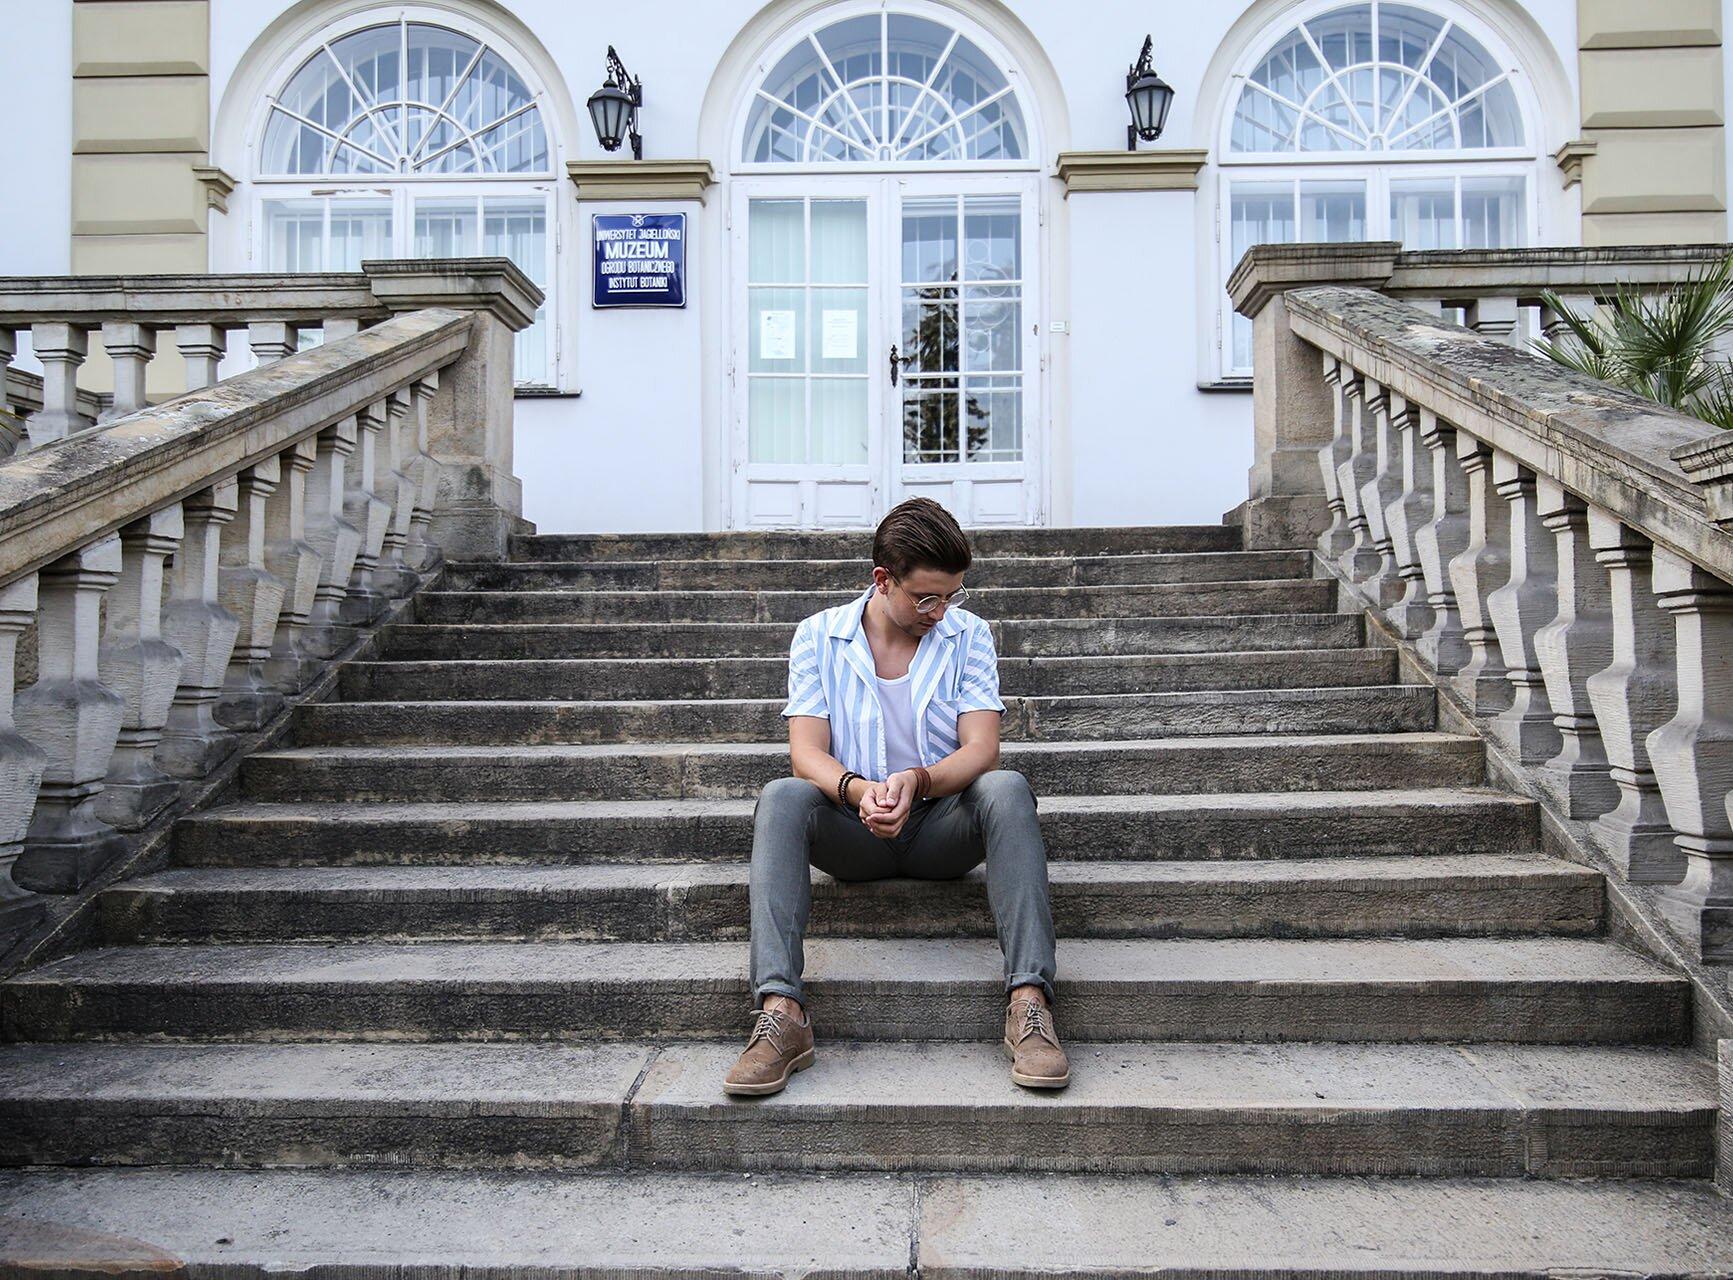 Grzegorz Paliś czyli bloger modowy z Krakowa, Moda męska Kraków, Blog o modzie męskiej, Moda dla mężczyzn